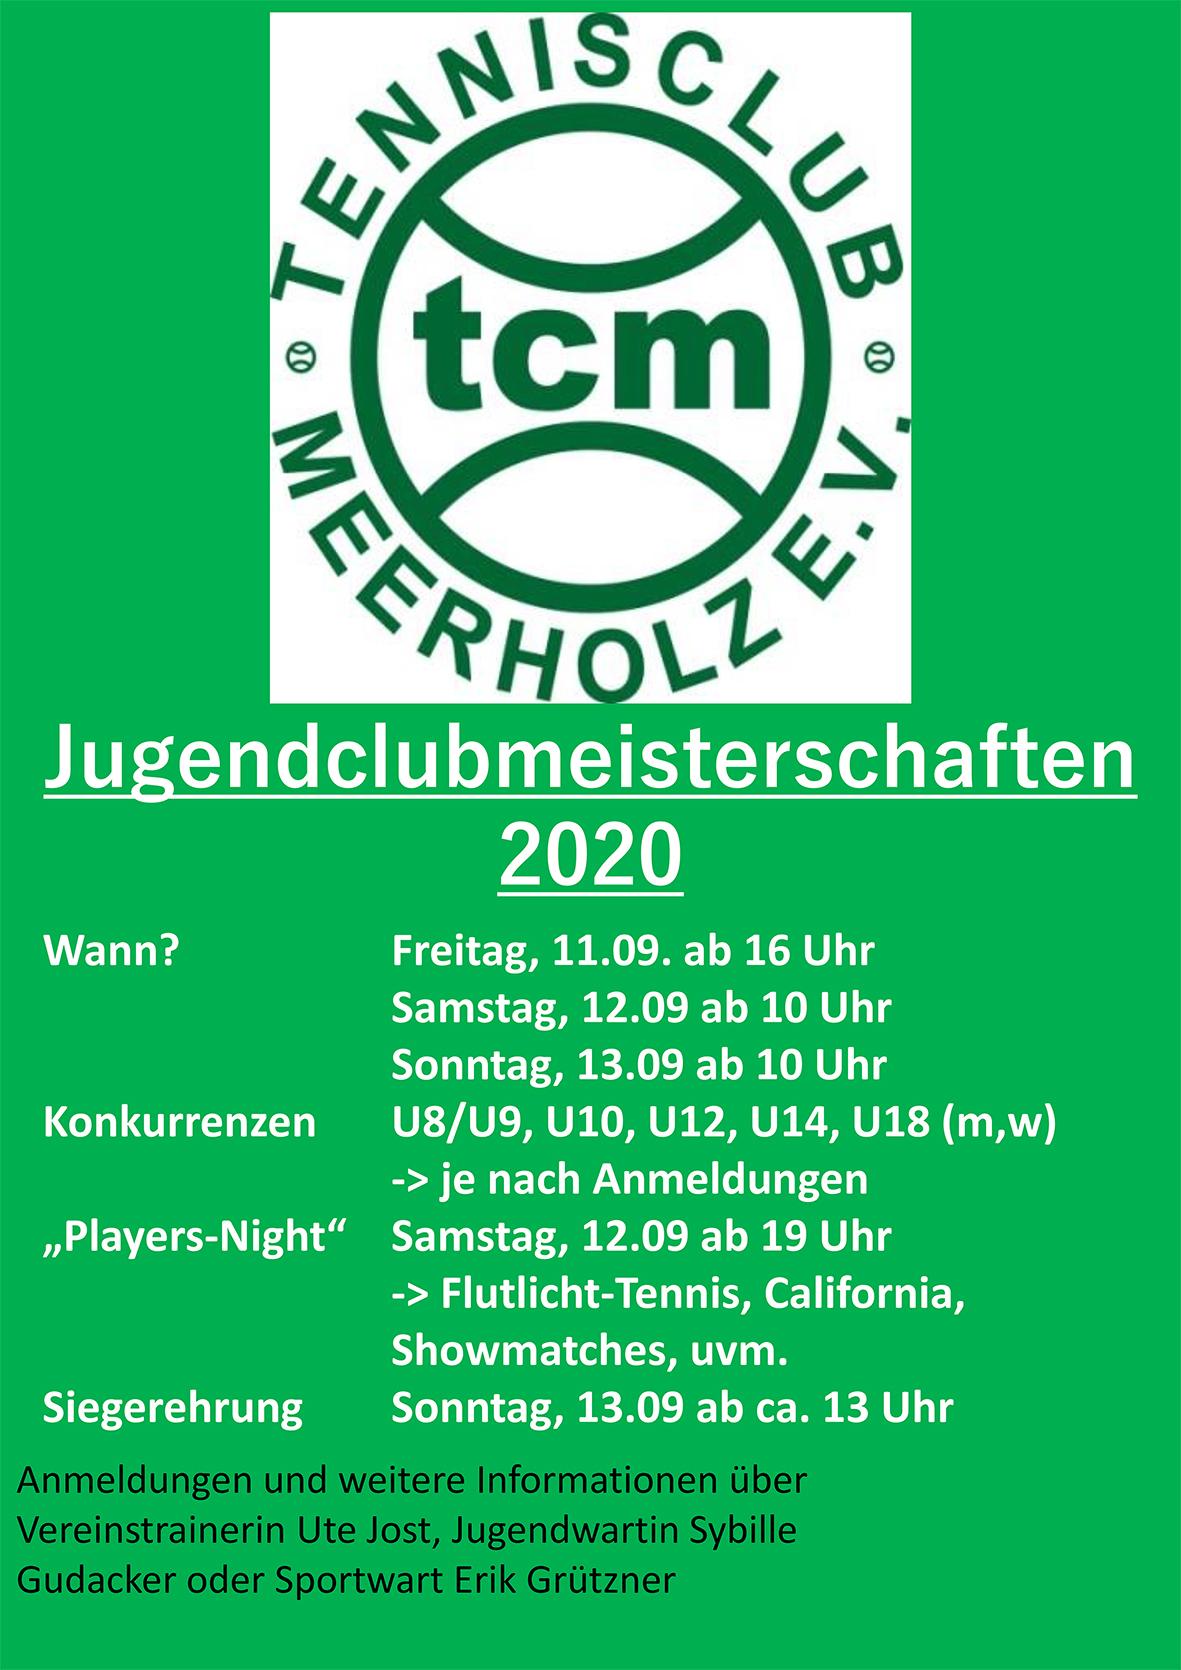 TCM-Jugendclubmeisterschaften 2020